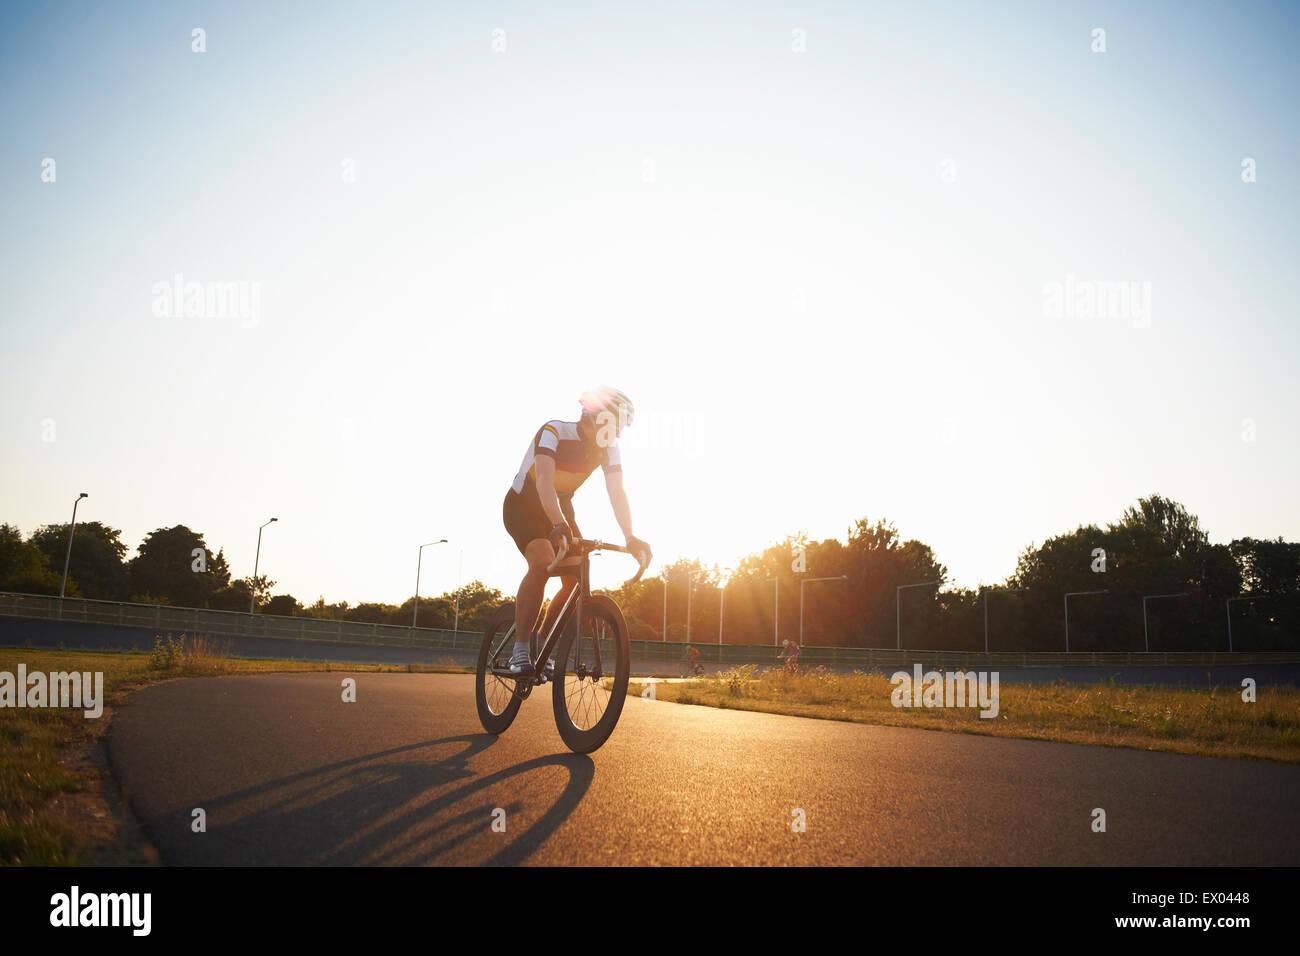 Los ciclistas ciclismo en pista al aire libre Imagen De Stock